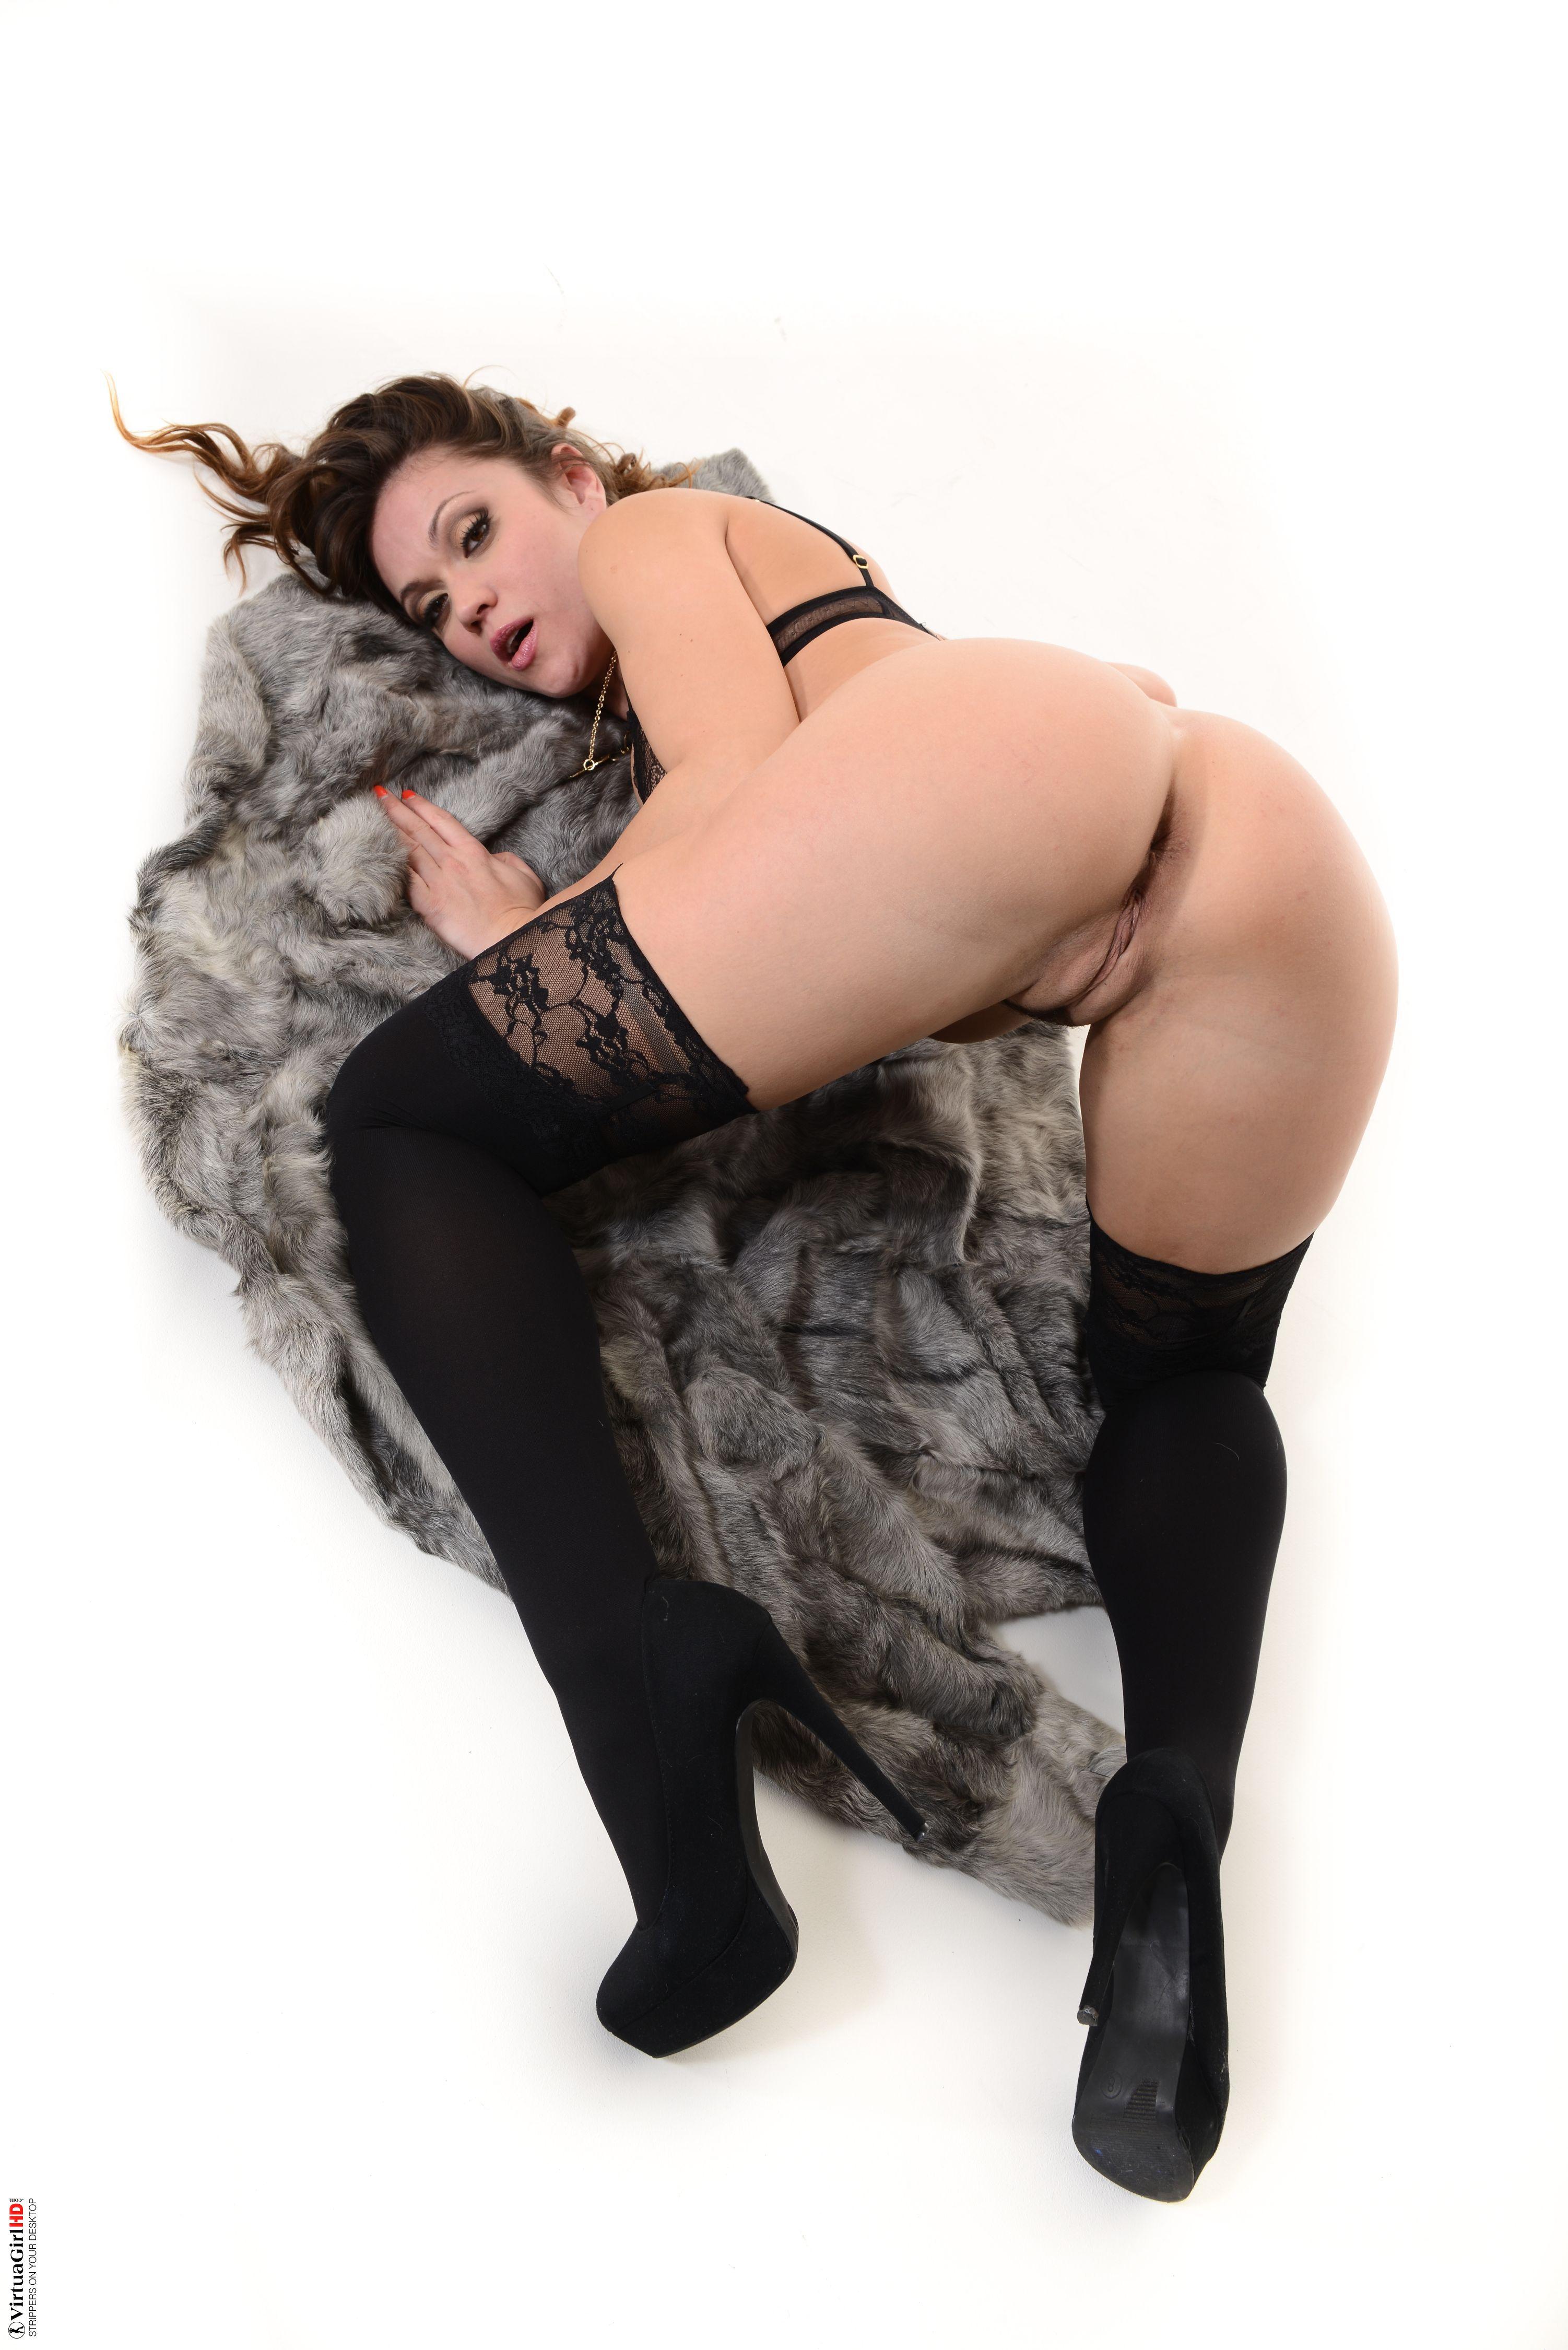 sexy girl sex wallpaper